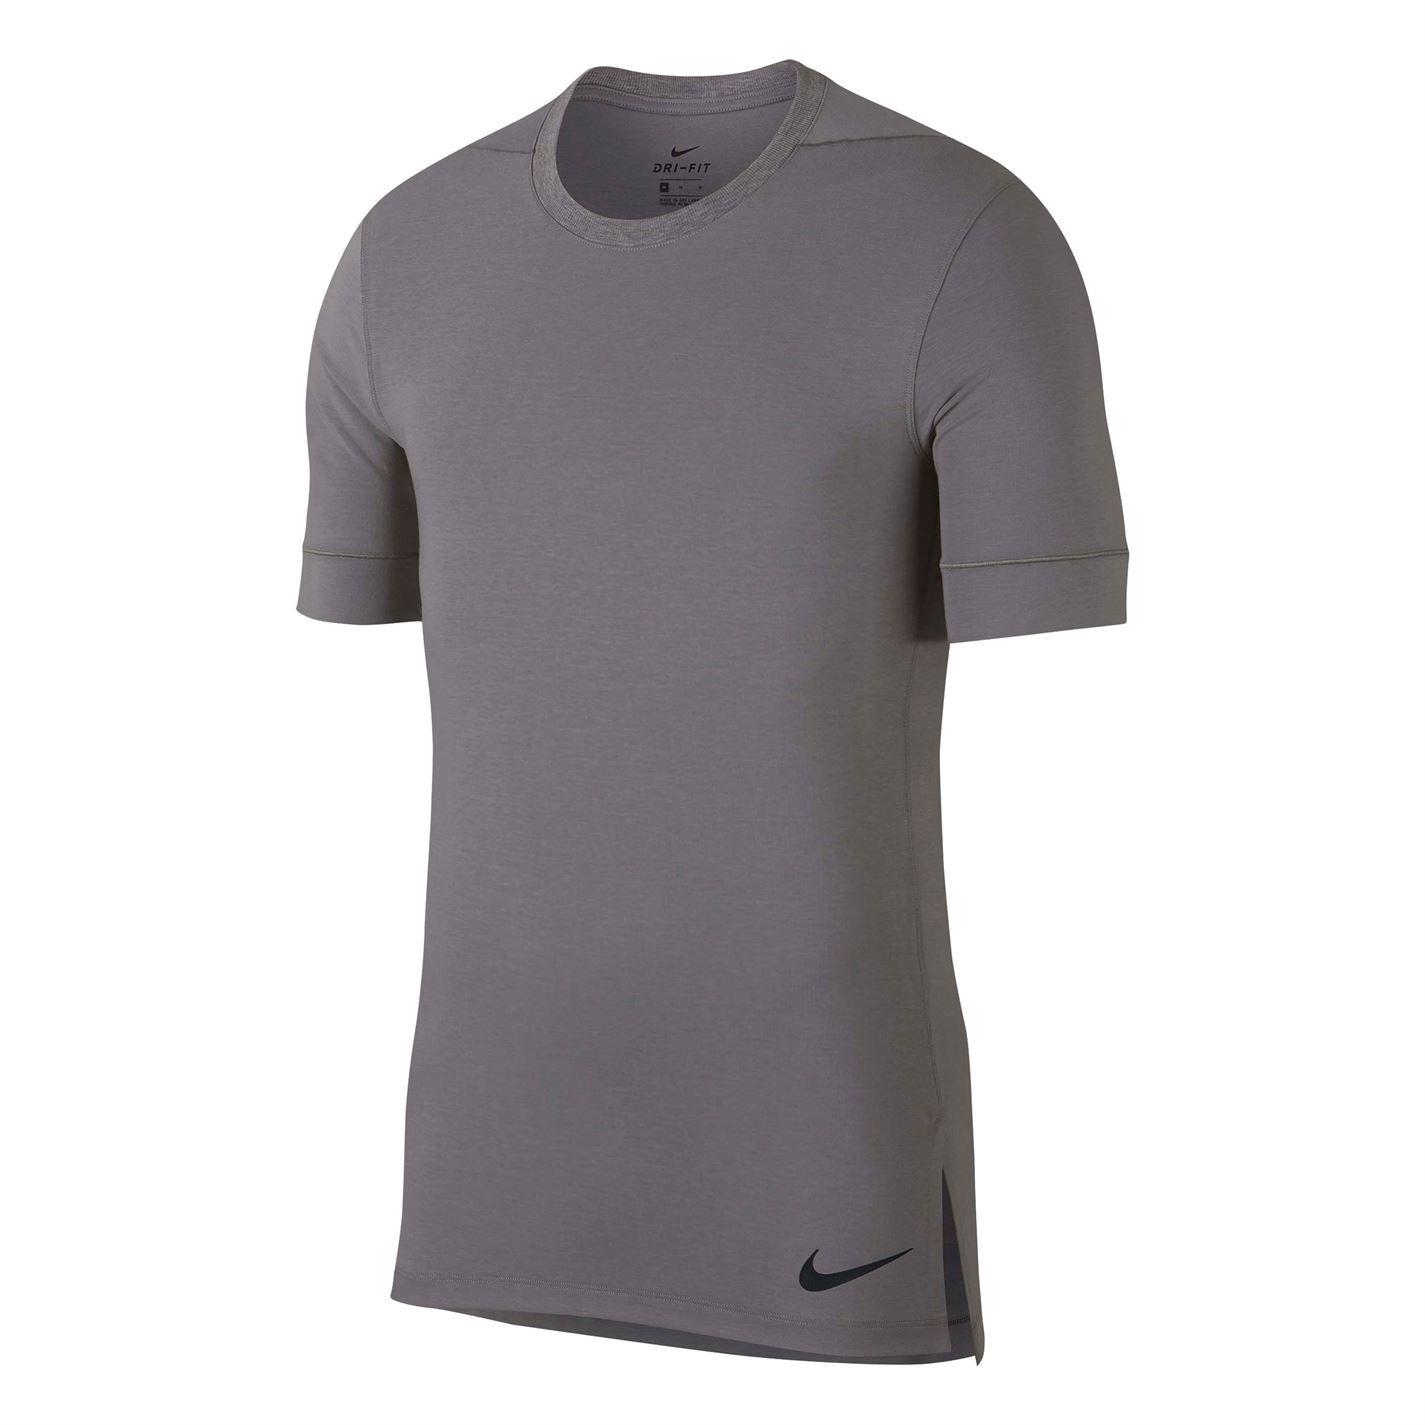 Dettagli su Nike Transcend Drifit T Shirt Allenamento Uomo Maglia T Shirt Fitness Nero S